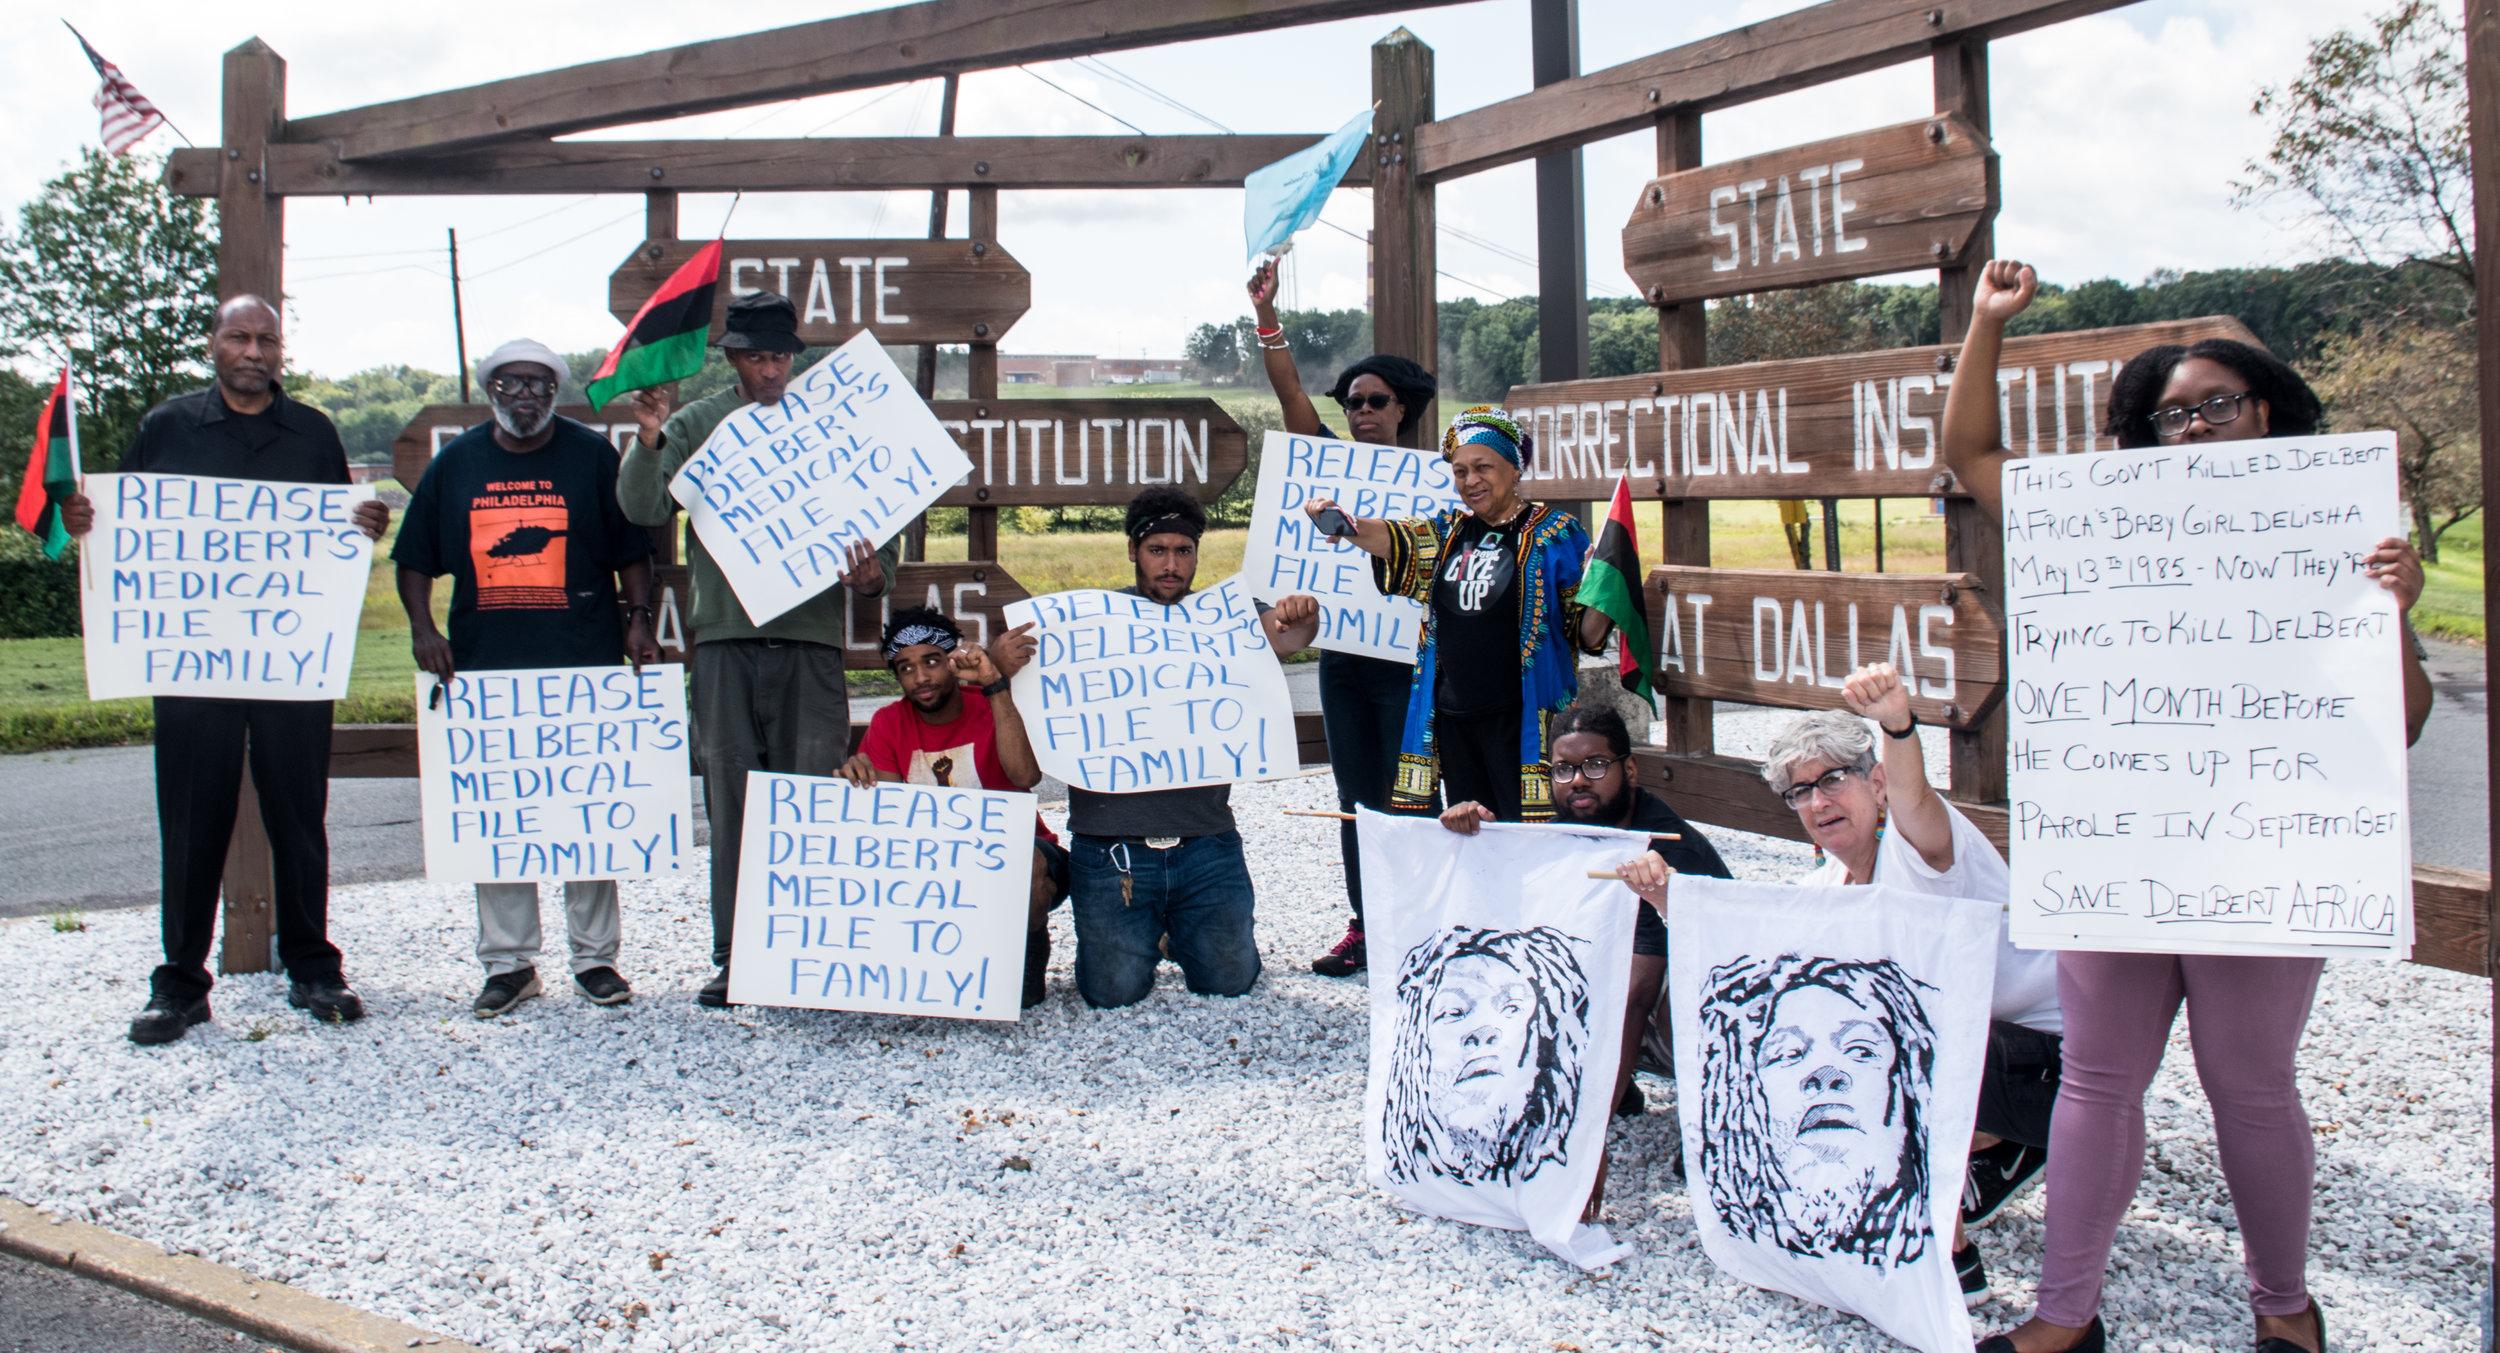 Supporters for Delbert Africa outside SCI Dallas on Aug 9, 2019. Photo: Joe Piette